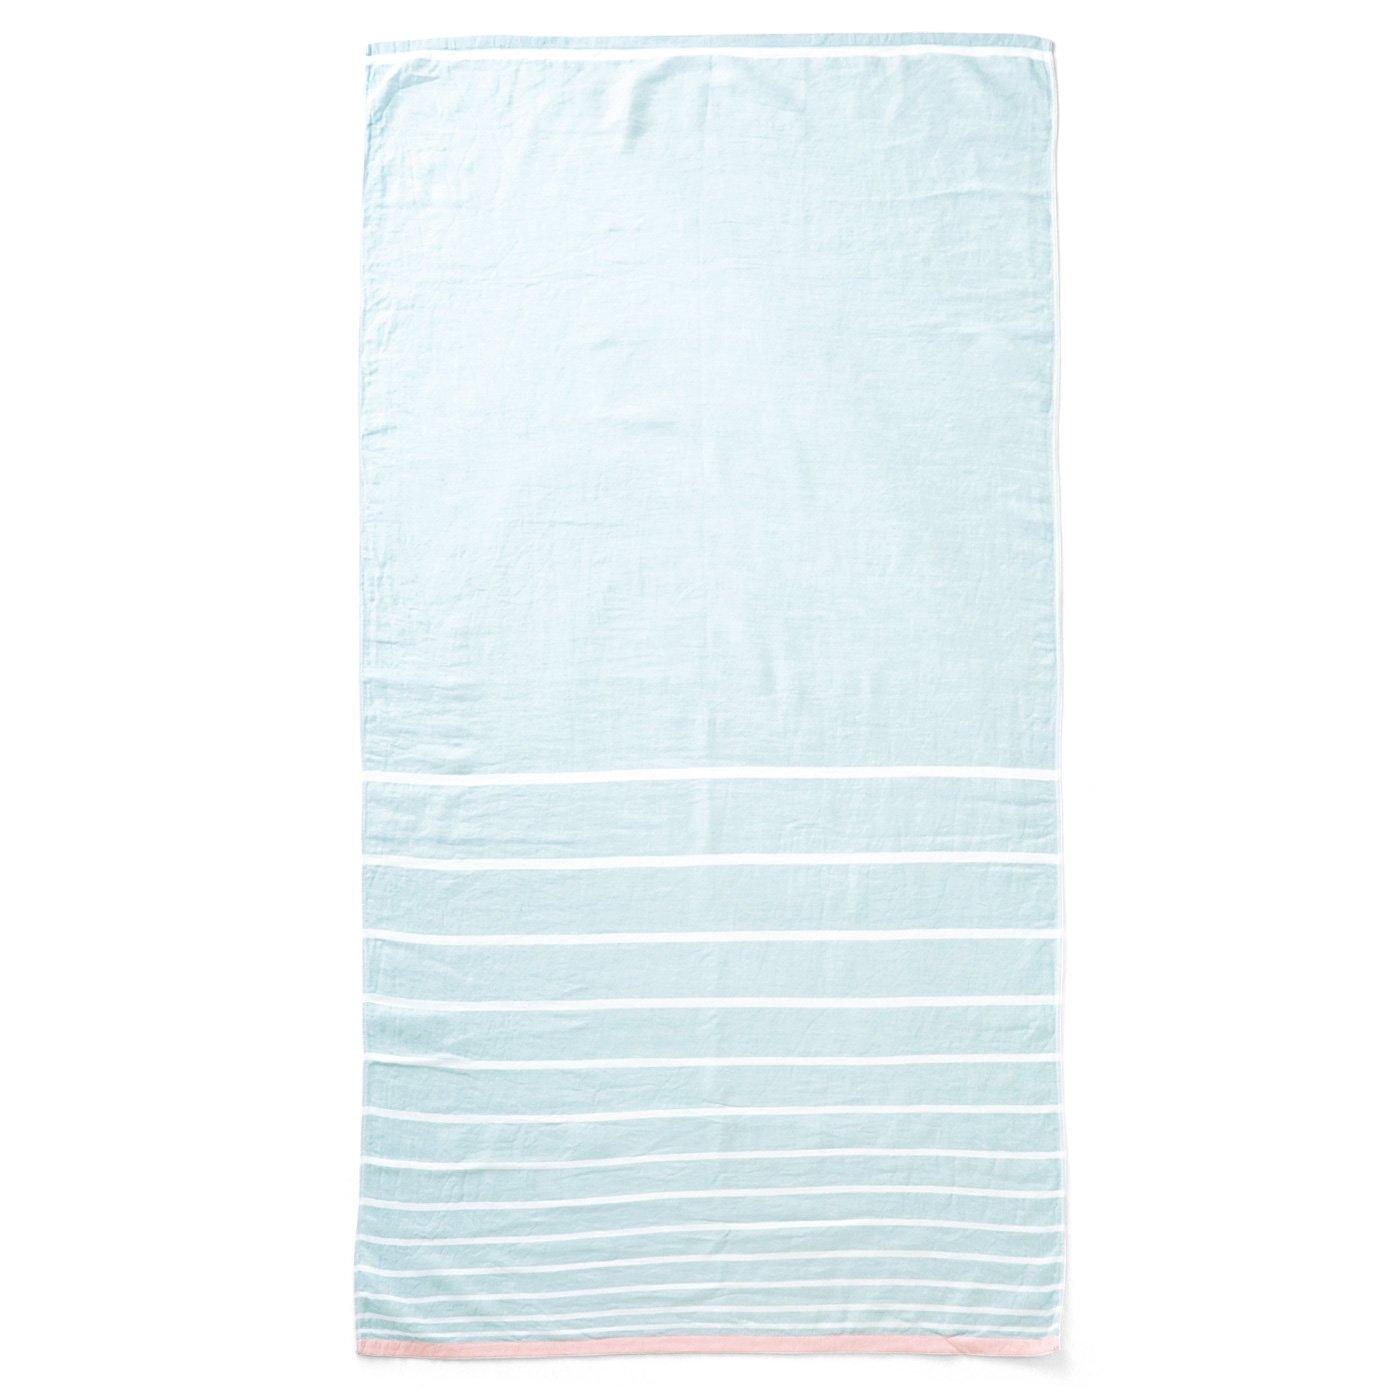 サンクチュアリ 綿100%無撚糸ガーゼに包まれる ロングブランケットタオルの会